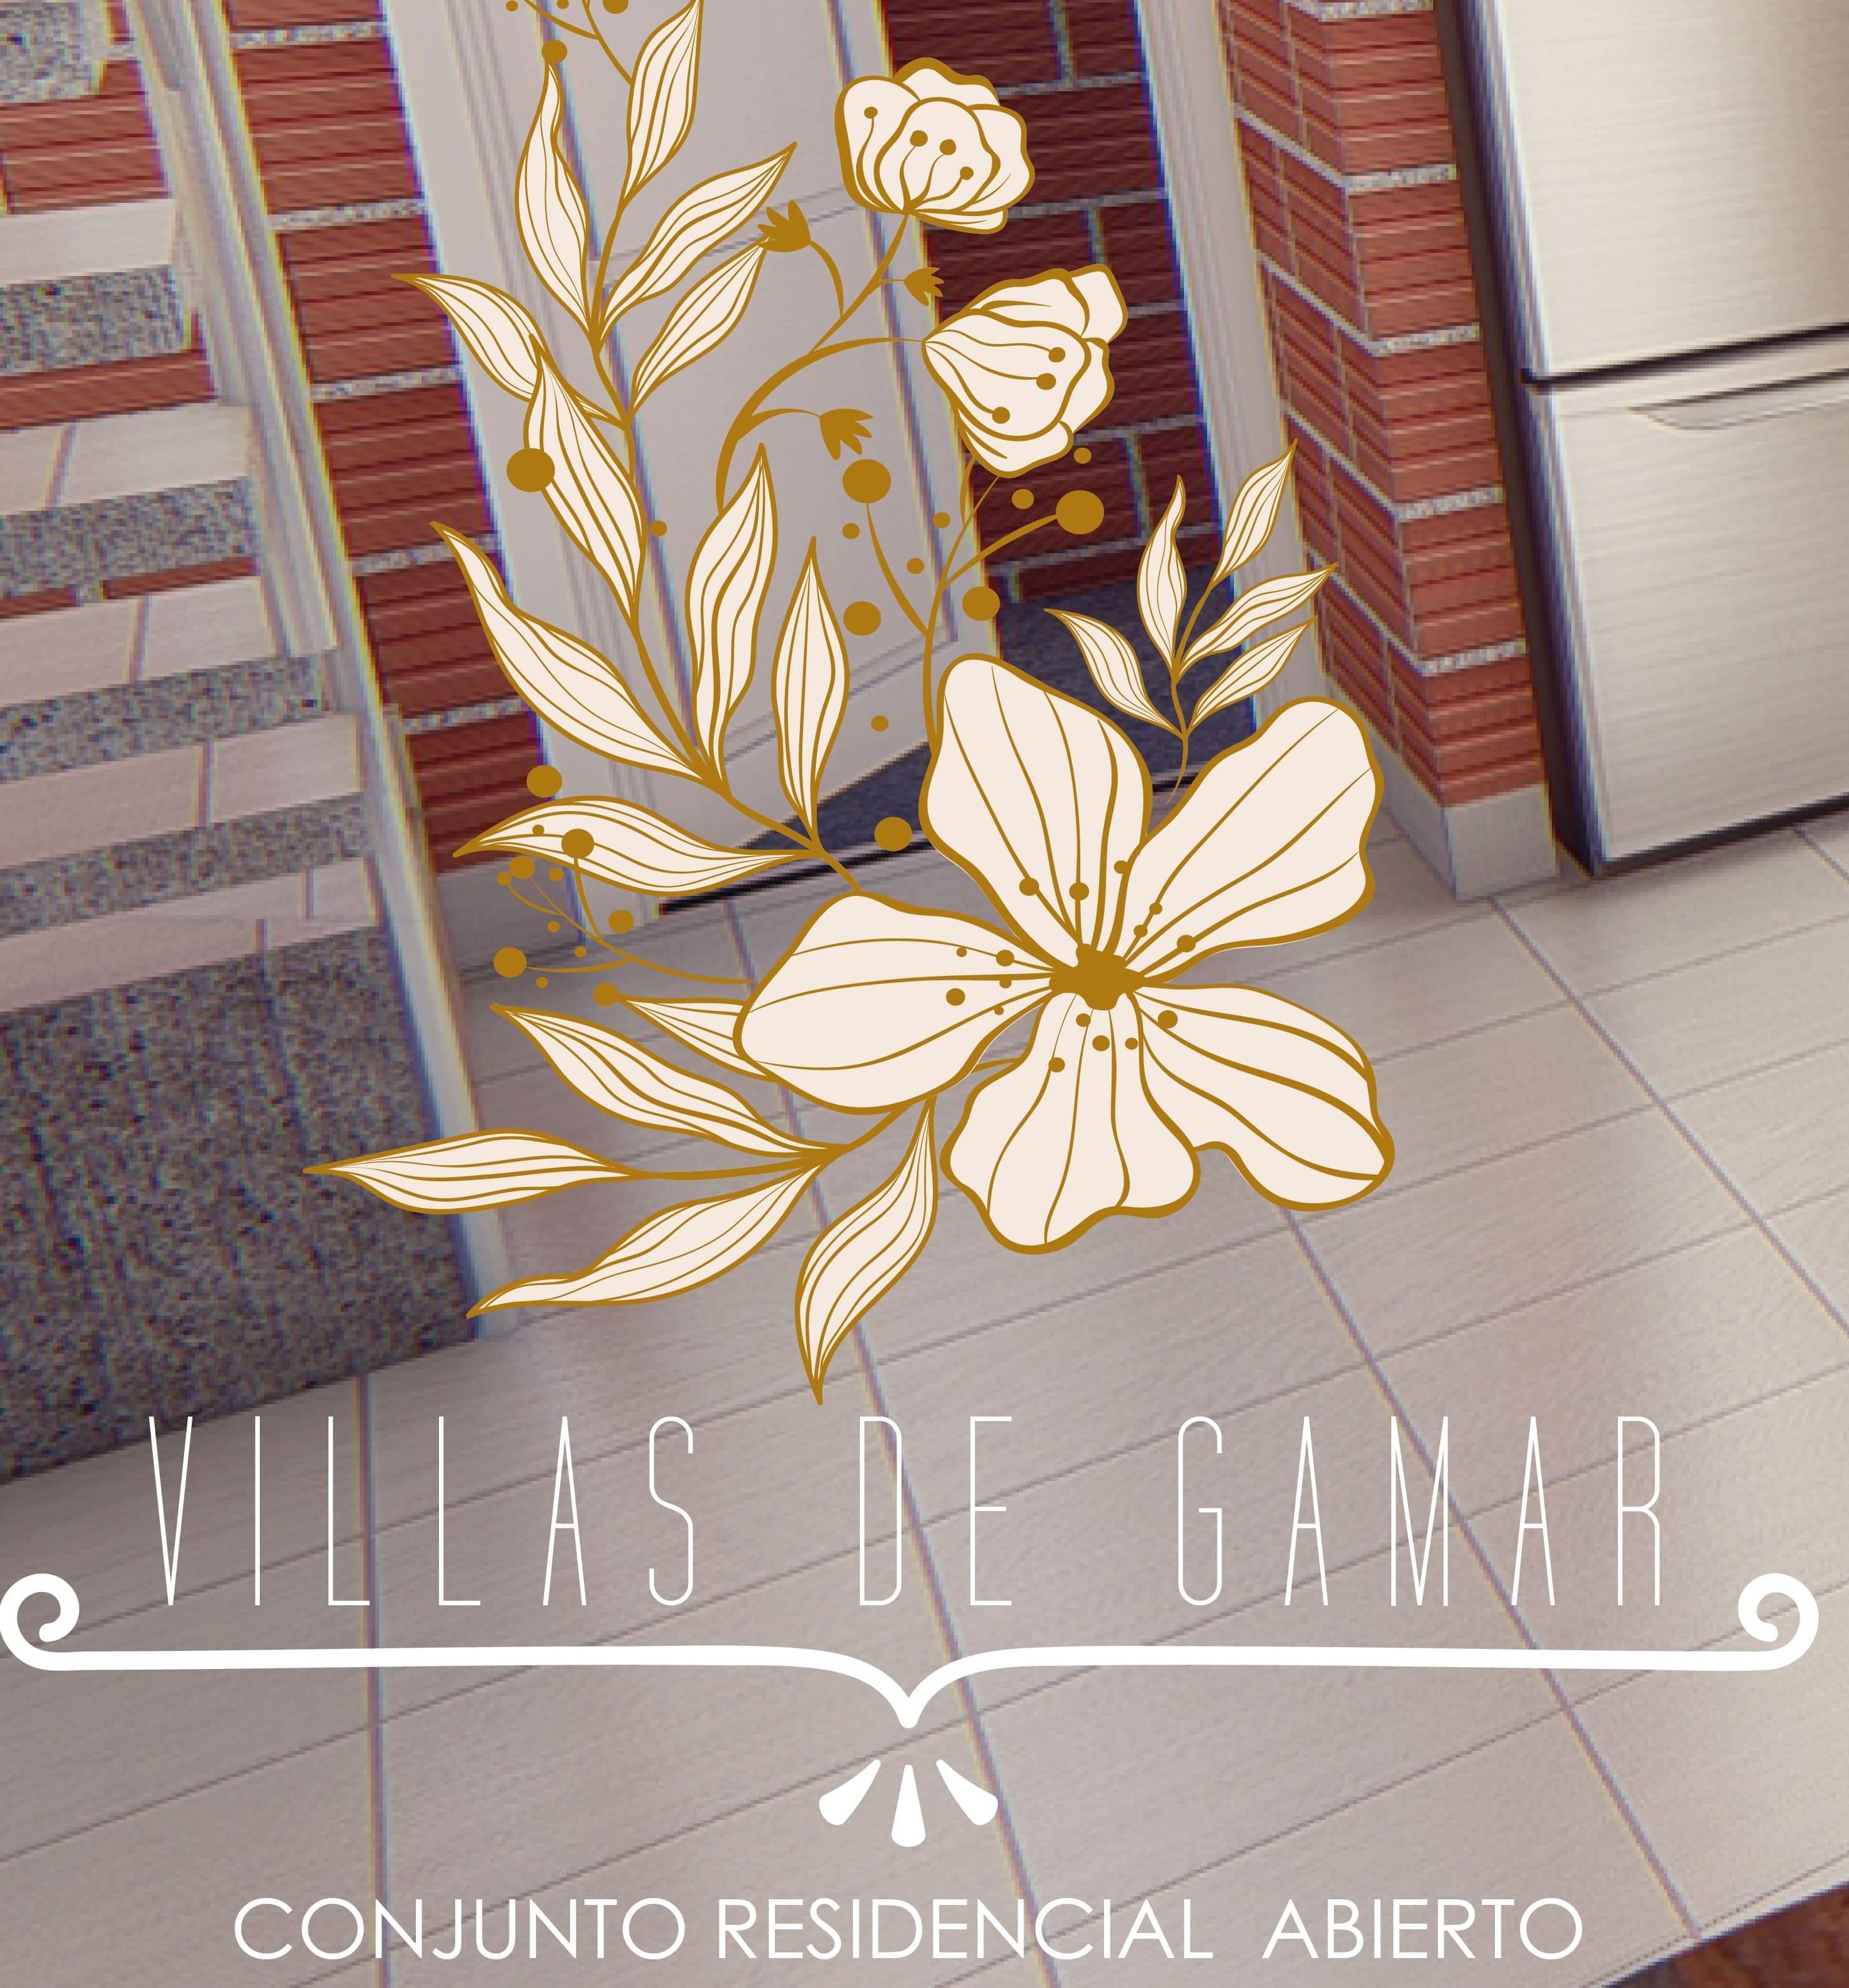 VILLAS DE GAMAR